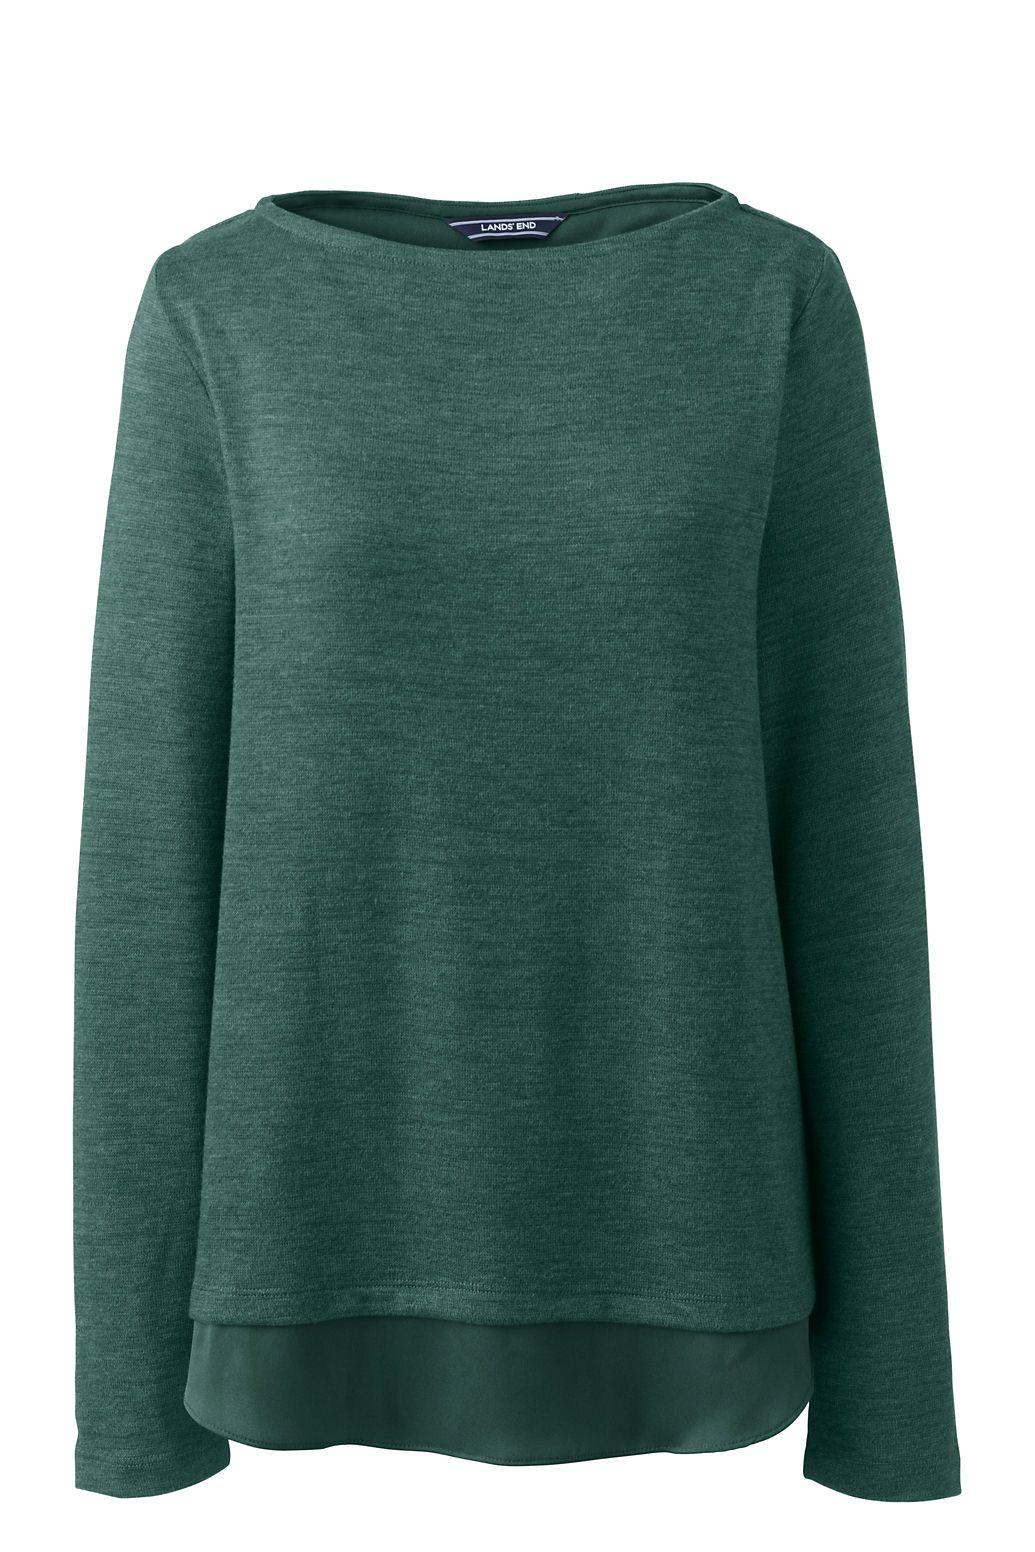 129d729d Women's Knit Woven Mix Split Back Top from Lands' End | info | Tops ...